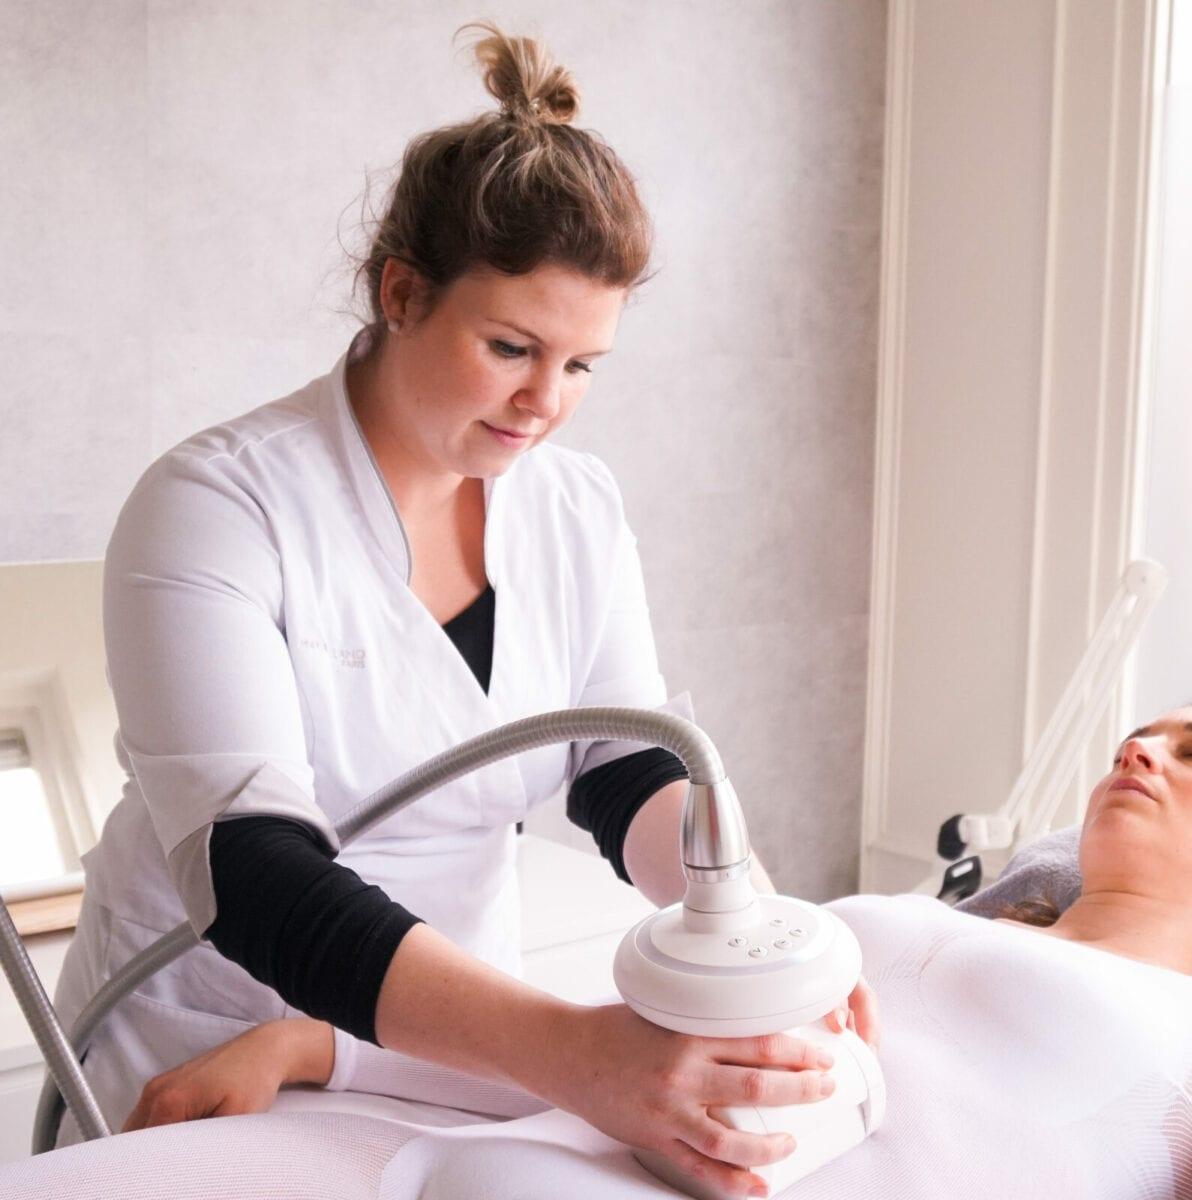 Lichaamsbehandeling-LPG-Huidtherapie-brabant